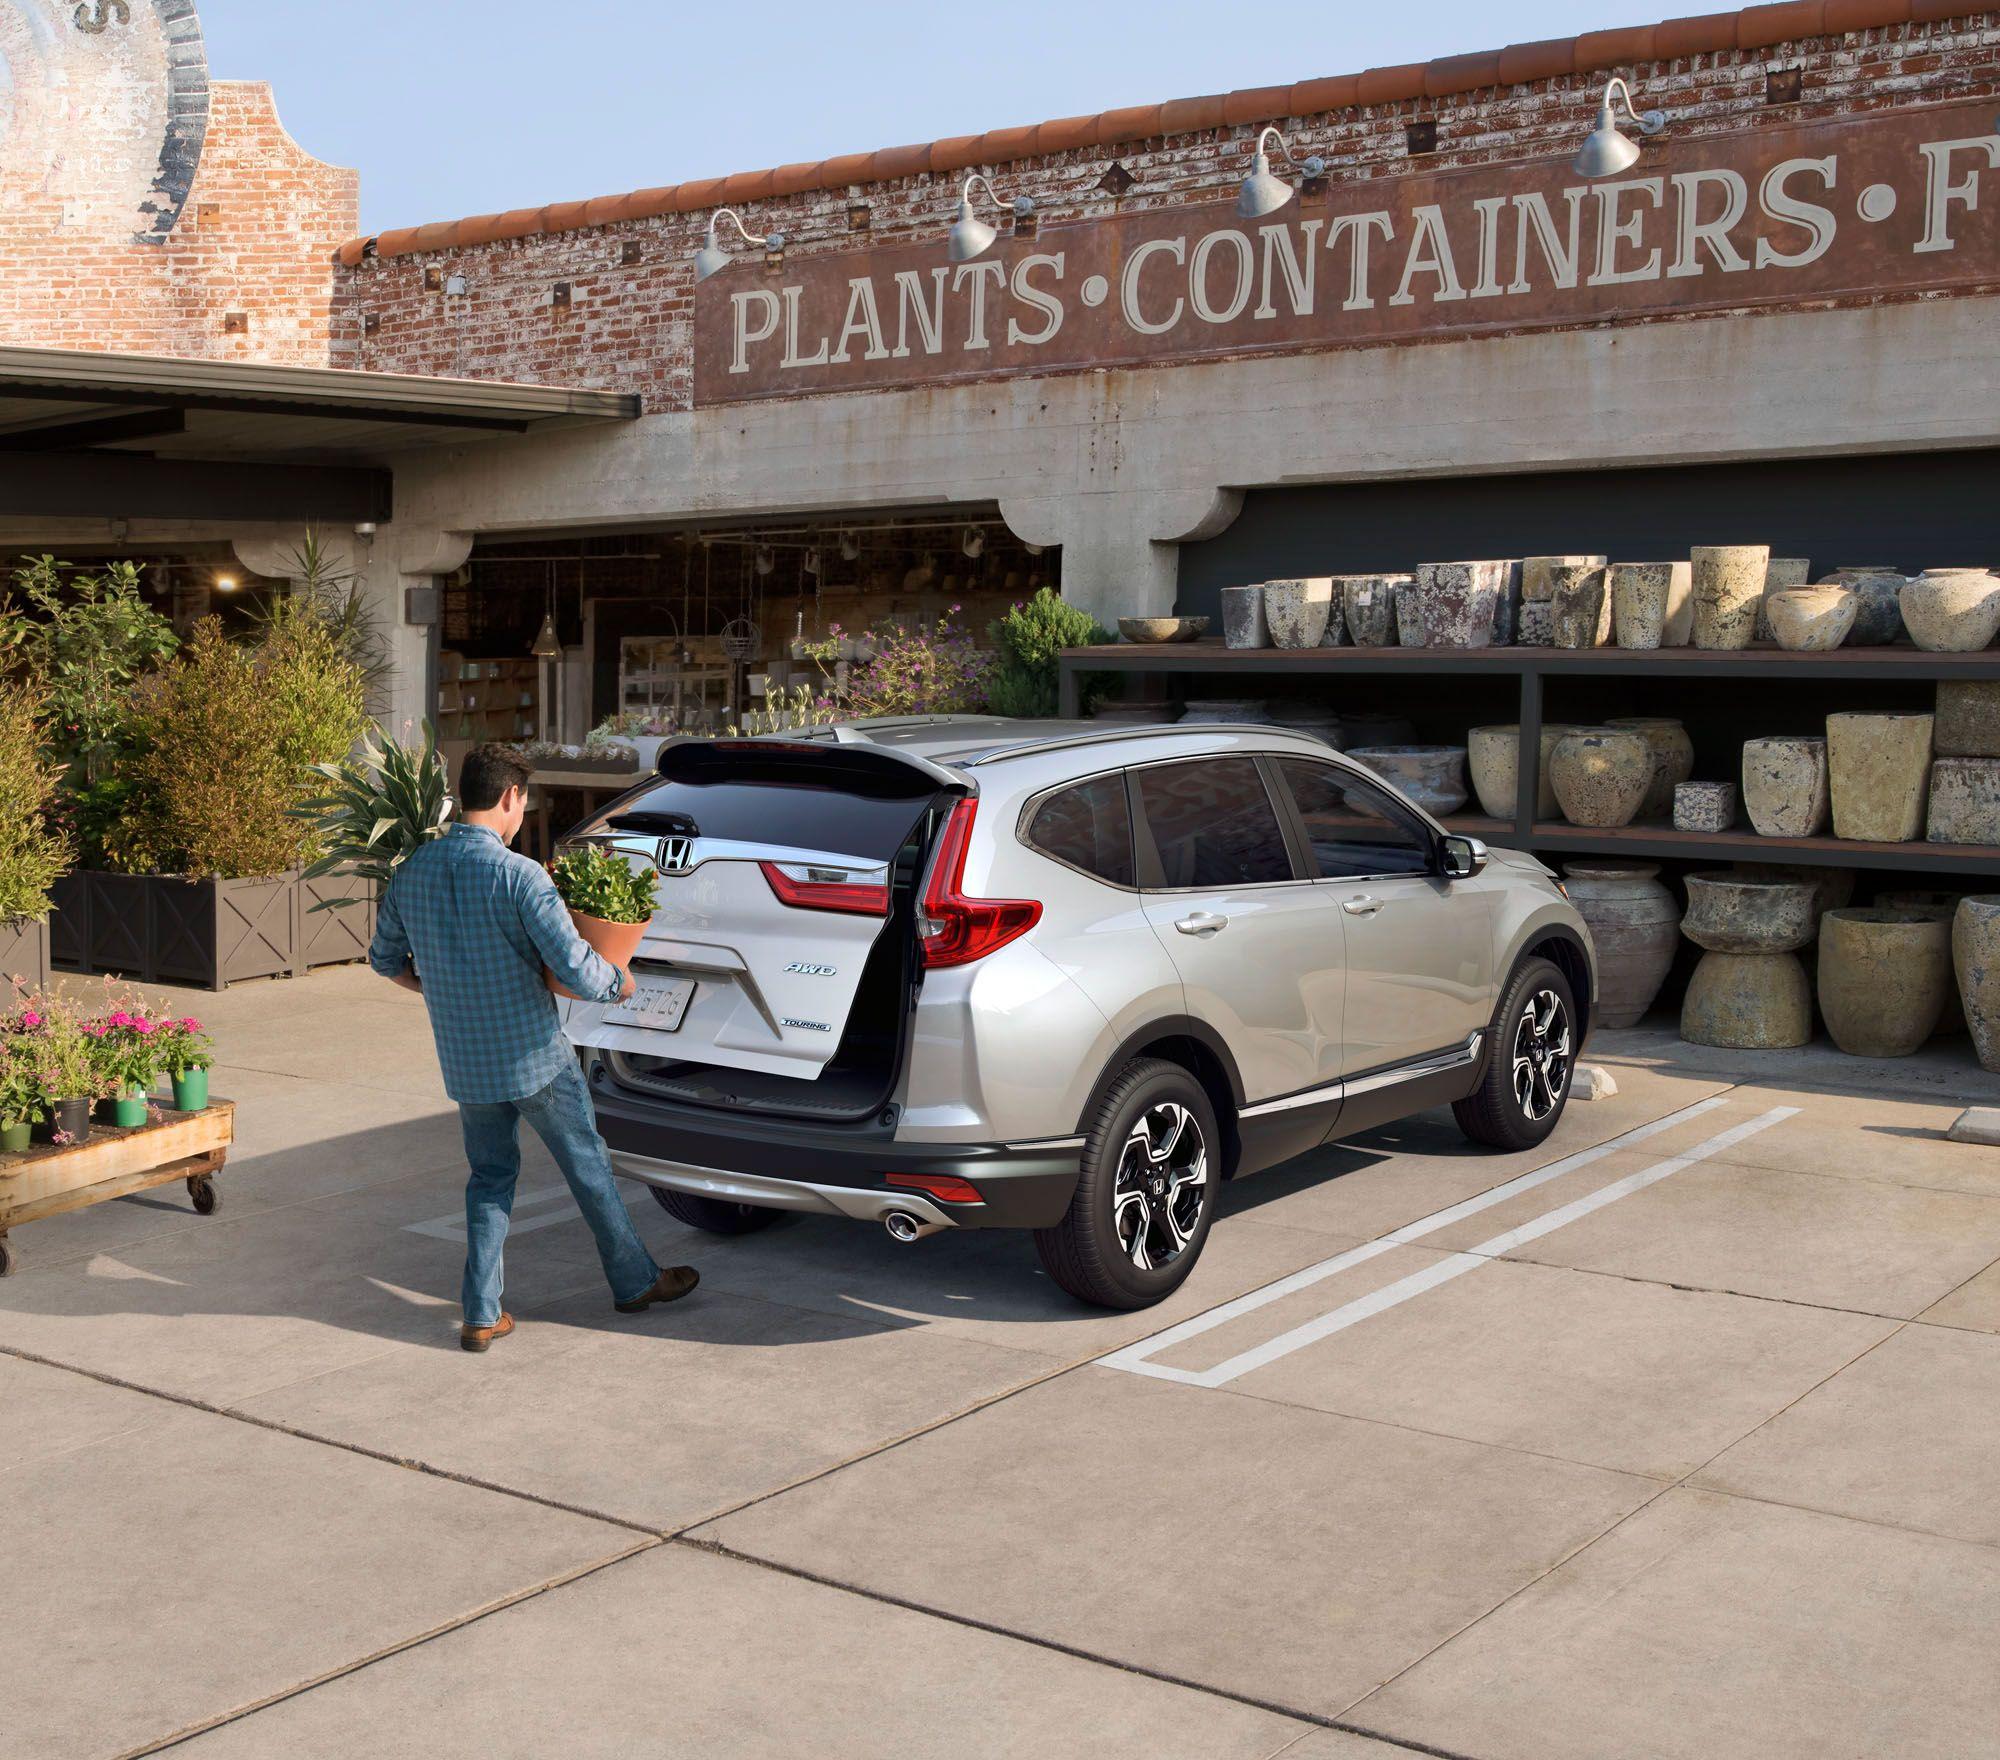 Honda crv 2017 on behance